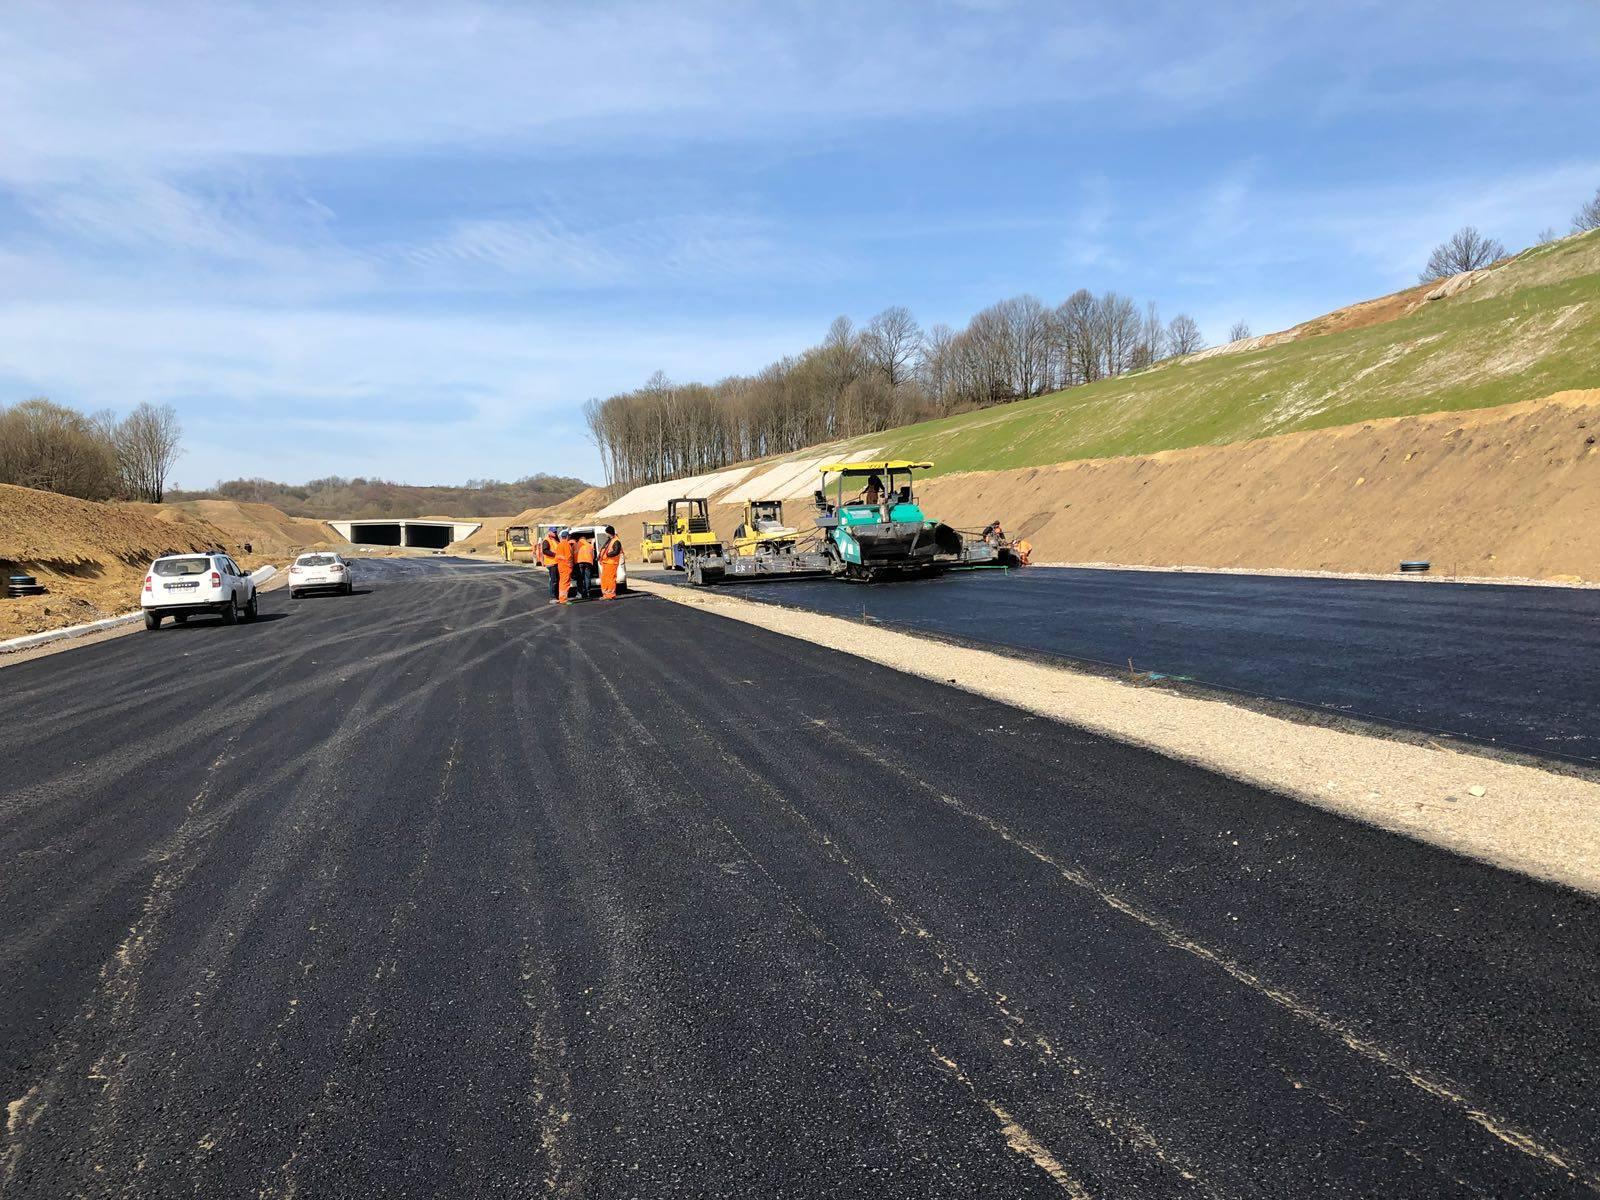 Asociaţia Pro Infrastructură: Lotul 3 al autostrăzii A1 Lugoj-Deva este în pericol de reziliere